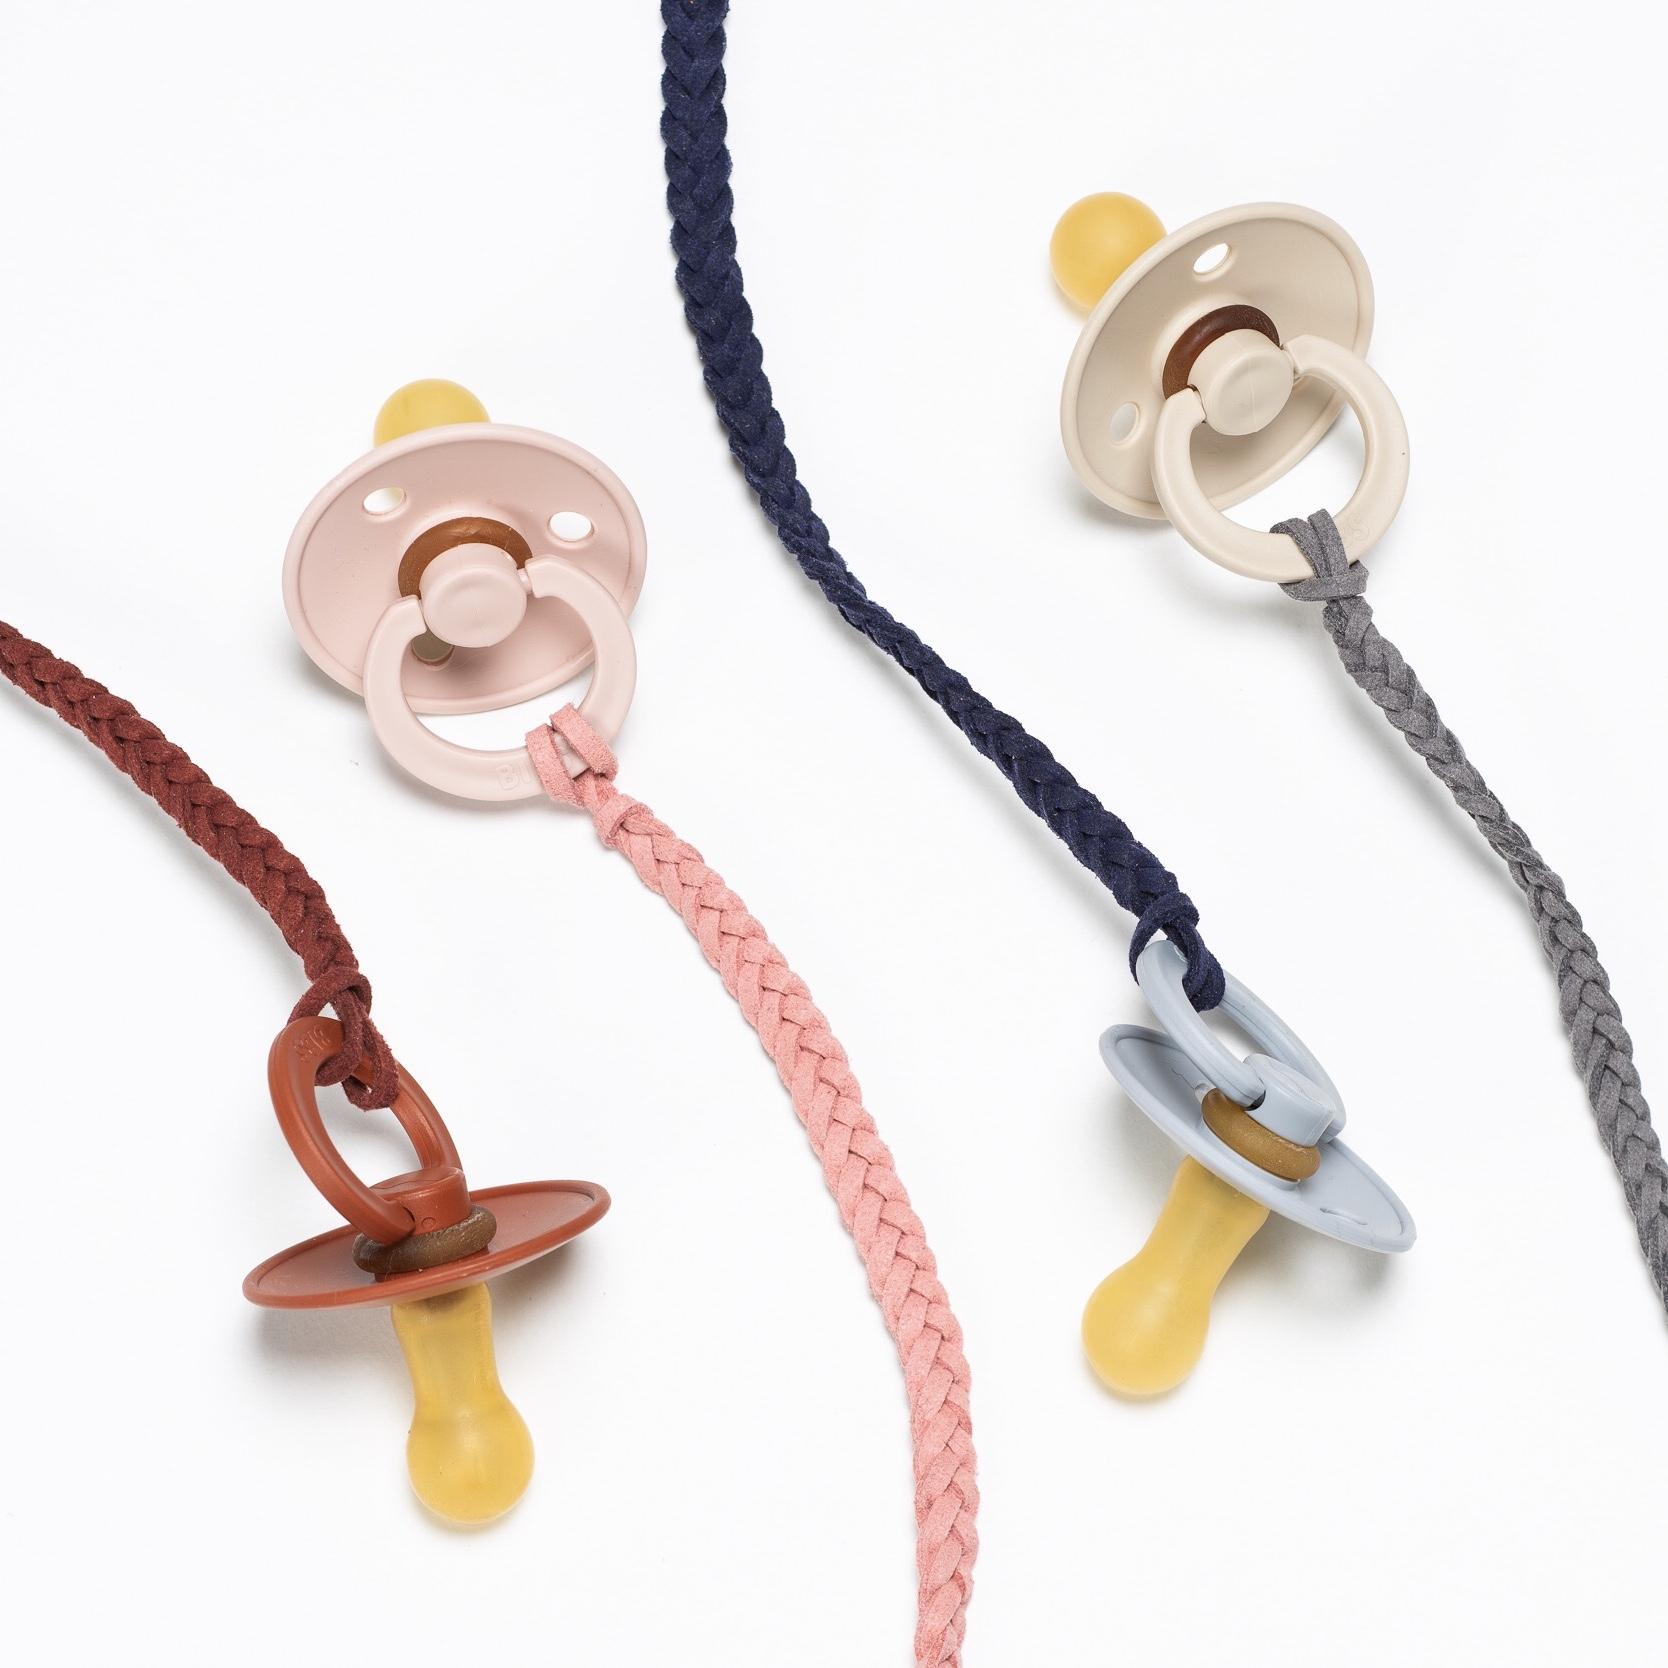 Geflochtene Schnullerbänder aus Leder von Tiny Totsies